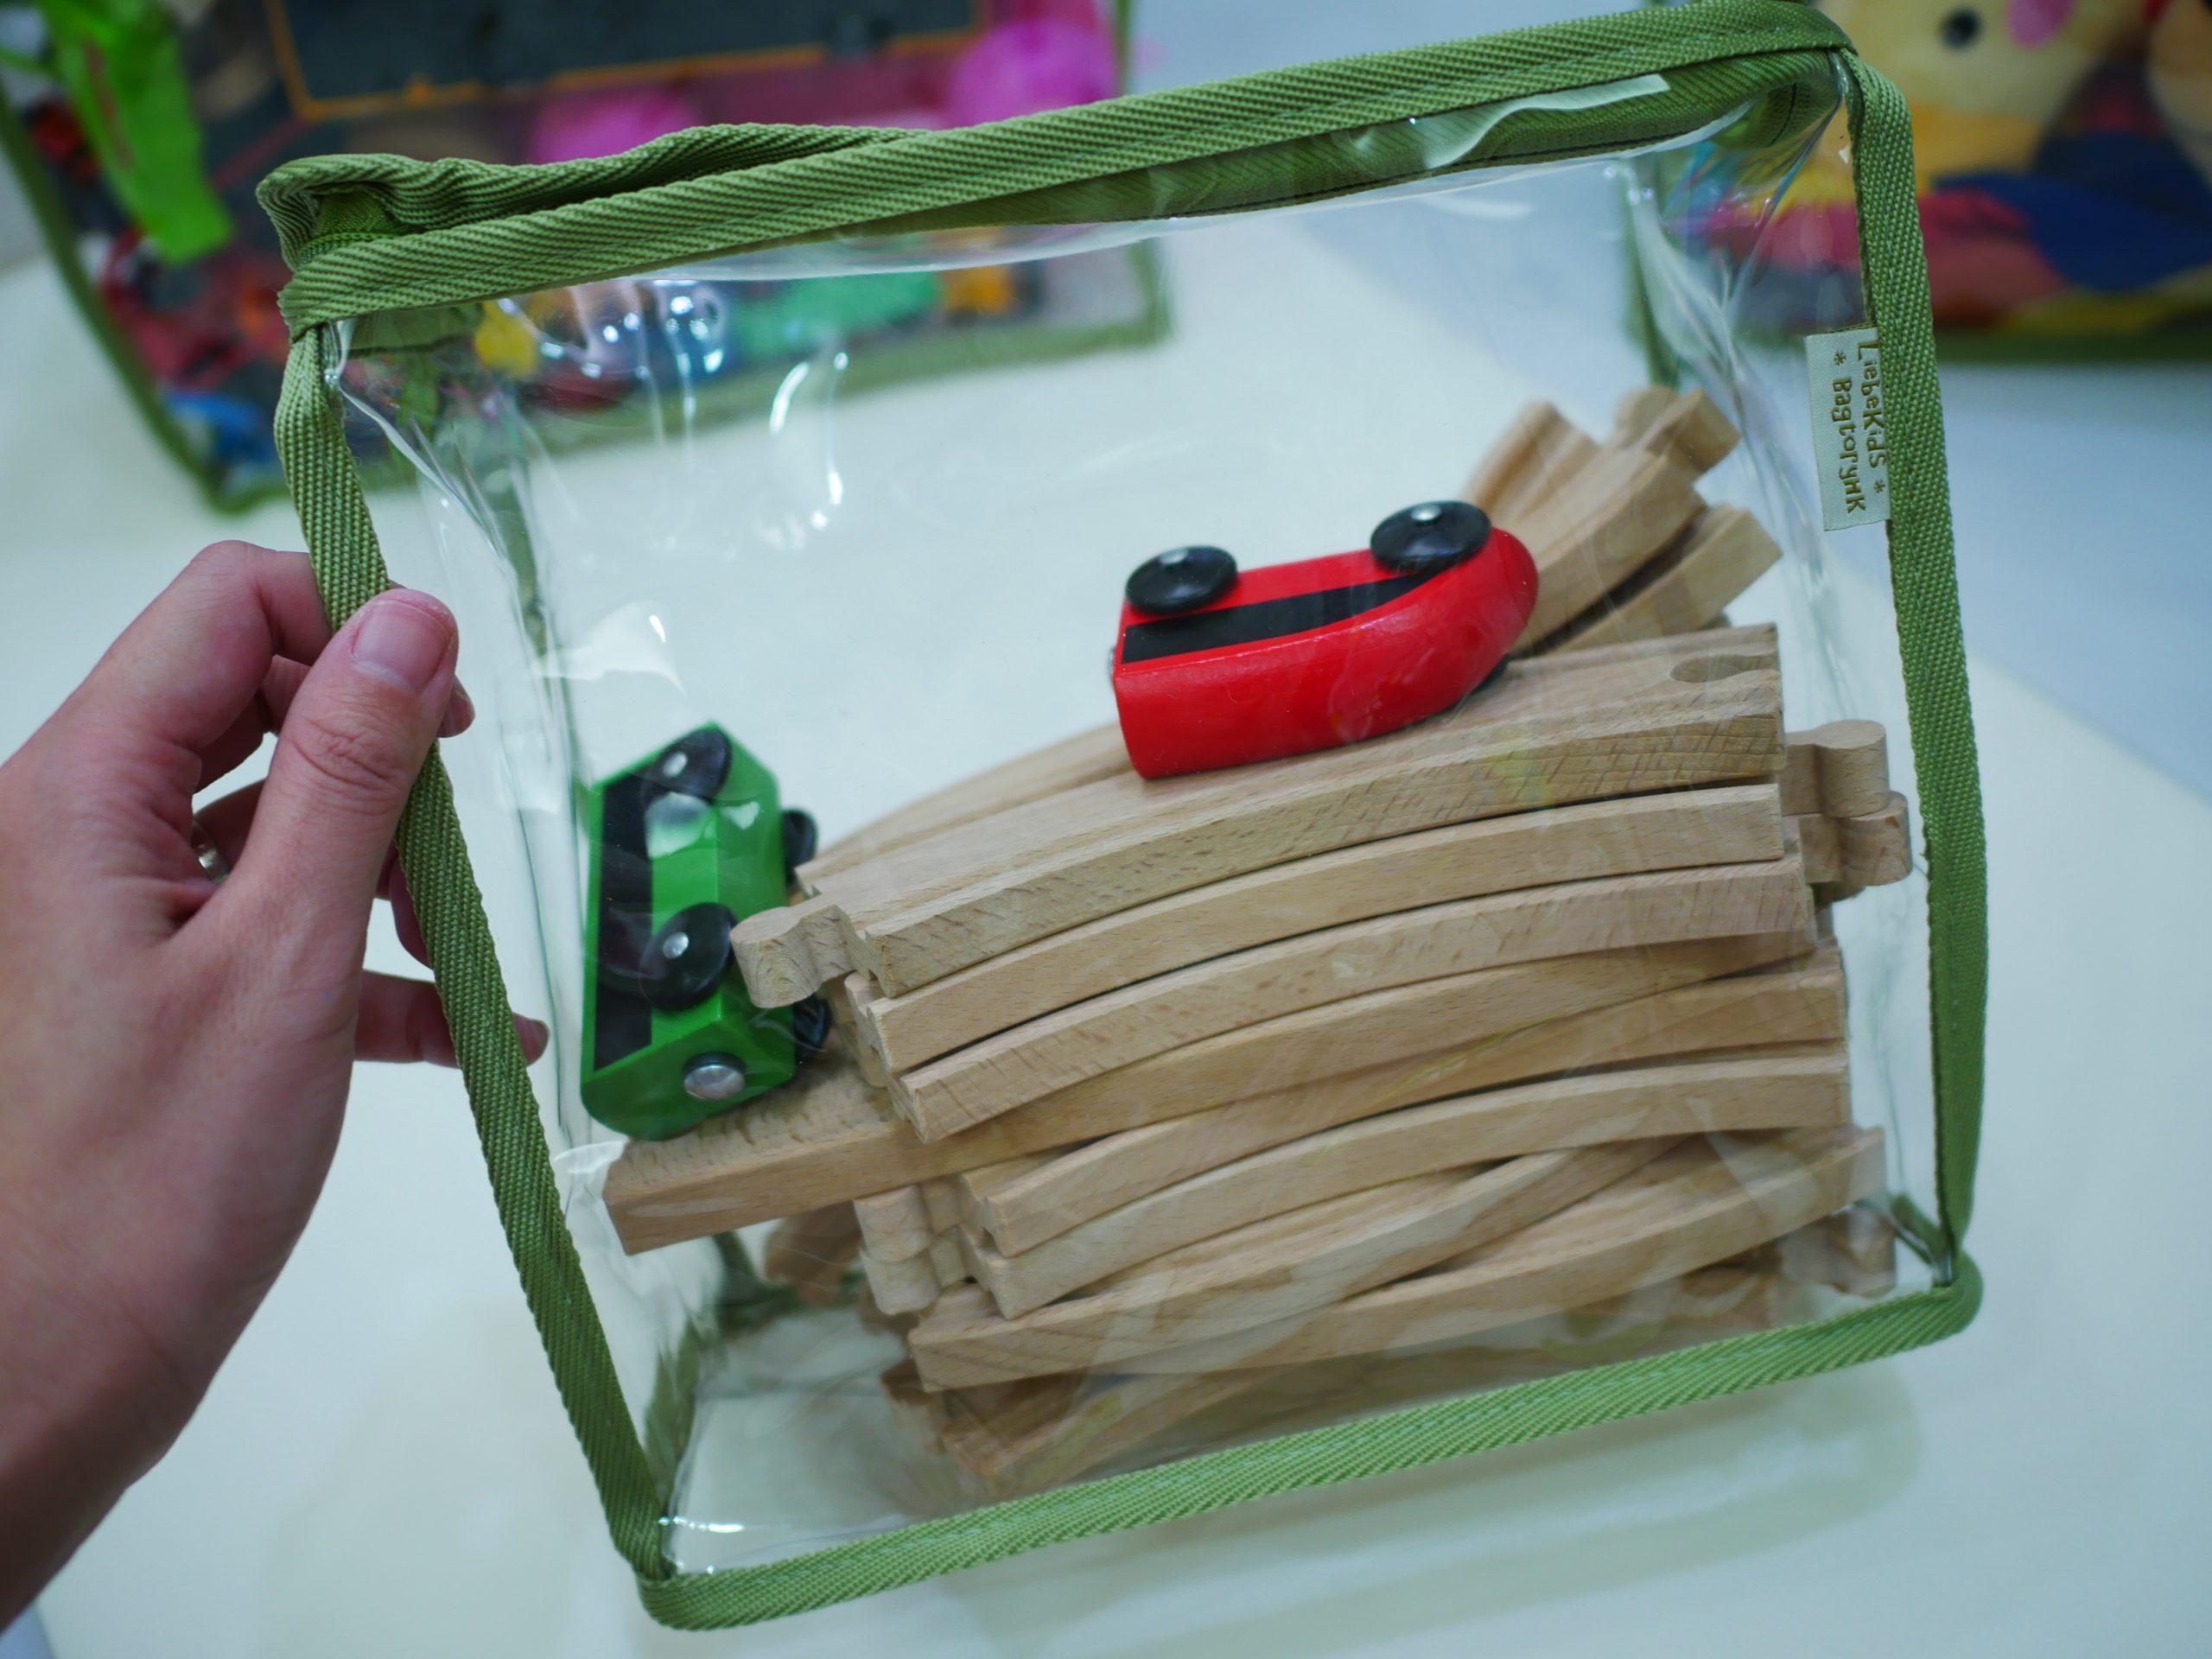 【超狂百寶袋王團購】有新色!大特價!超棒萬用的收納工具,家裡有小孩必買的收納袋 @小環妞 幸福足跡